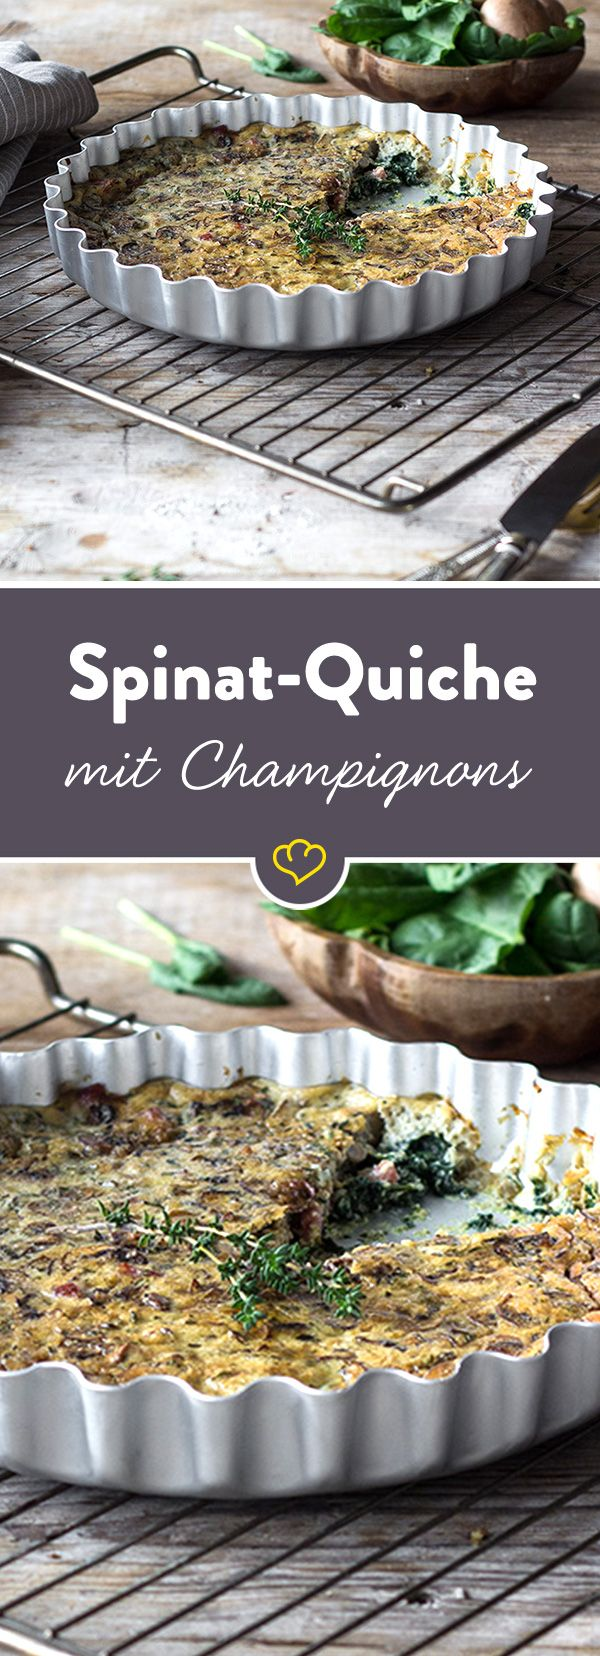 Die goldbraune Spinat-Quiche kommt ganz ohne Kohlenhydrate aus und lässt sich prima für den Büro-Lunch vorbereiten und mitnehmen. Probier es gleich aus!